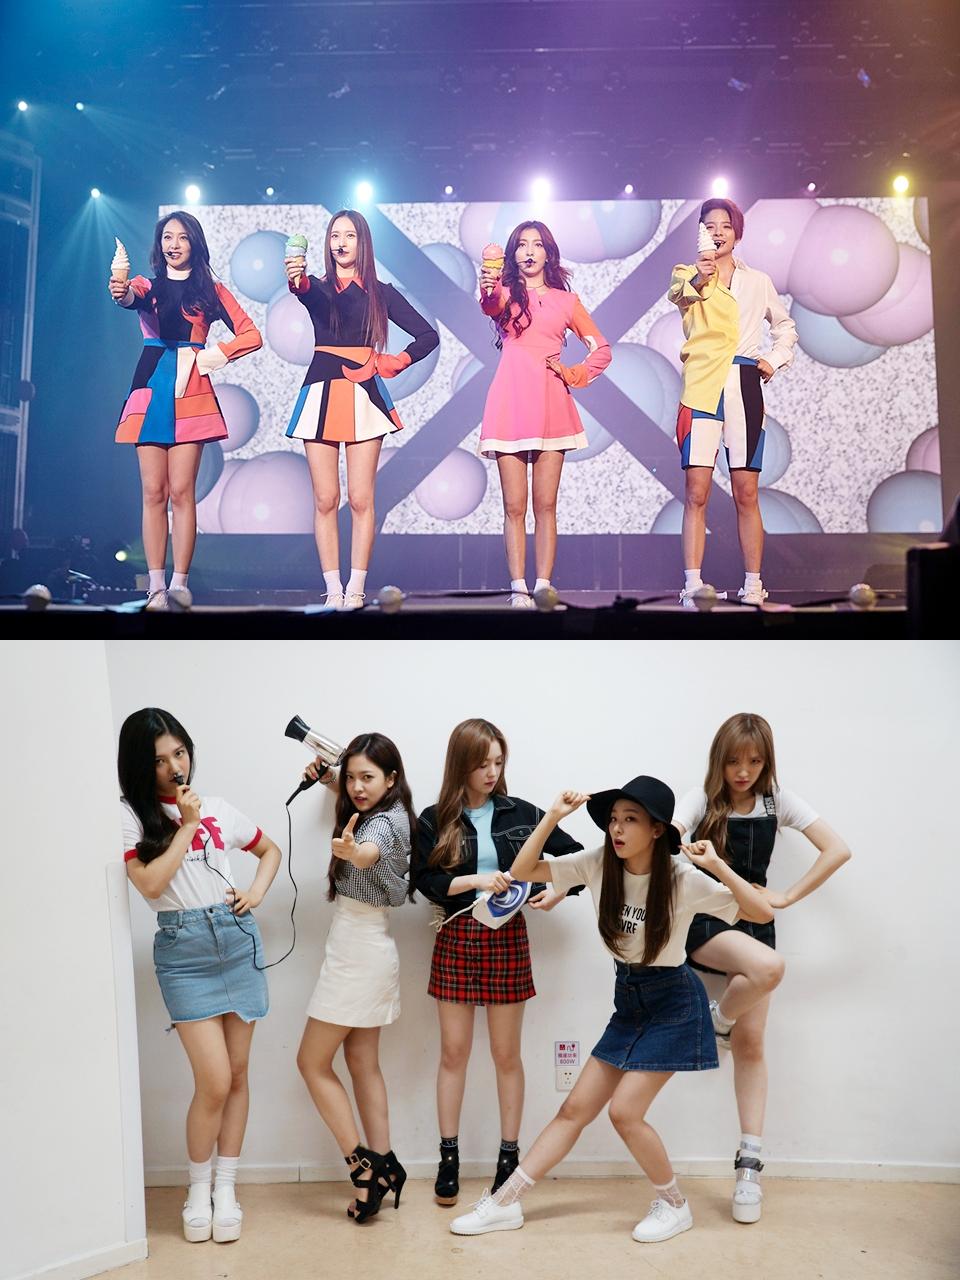 少時的師妹f(x)和Red Velvet也是喔~ Red Velvet的韓文是레드벨벳,f(x)則是에프엑스 是四個字沒錯吧!